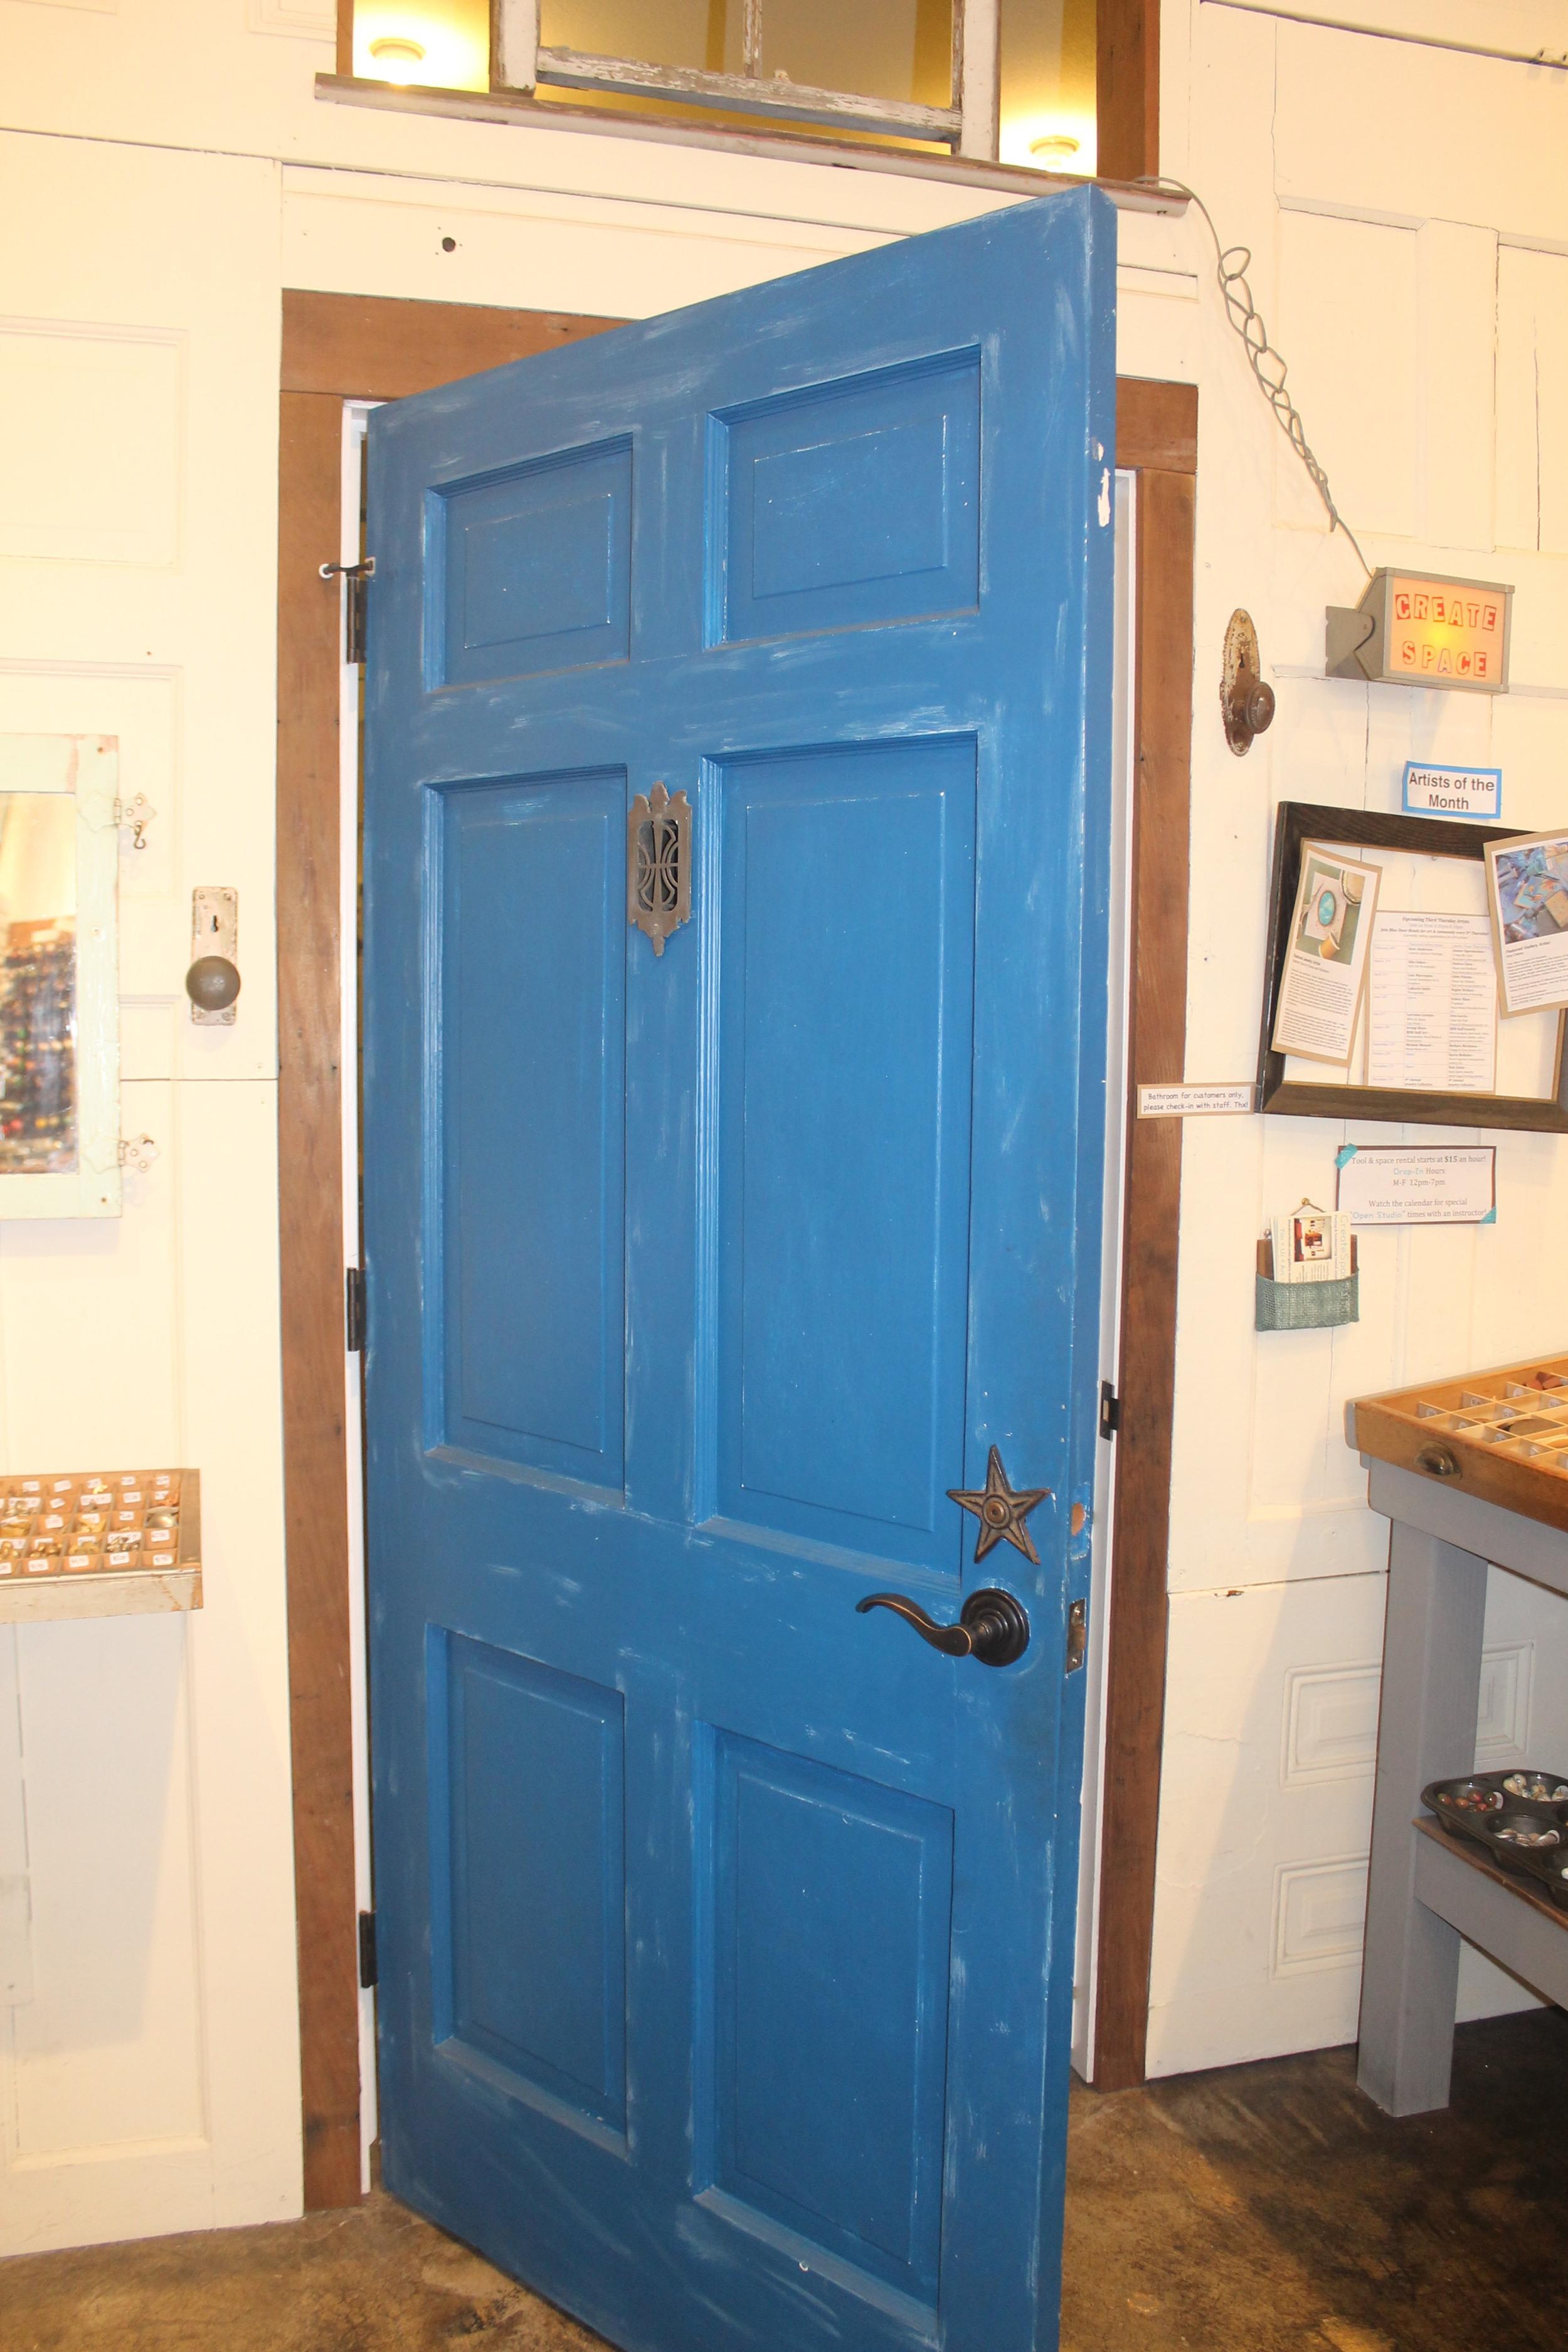 The famous blue door